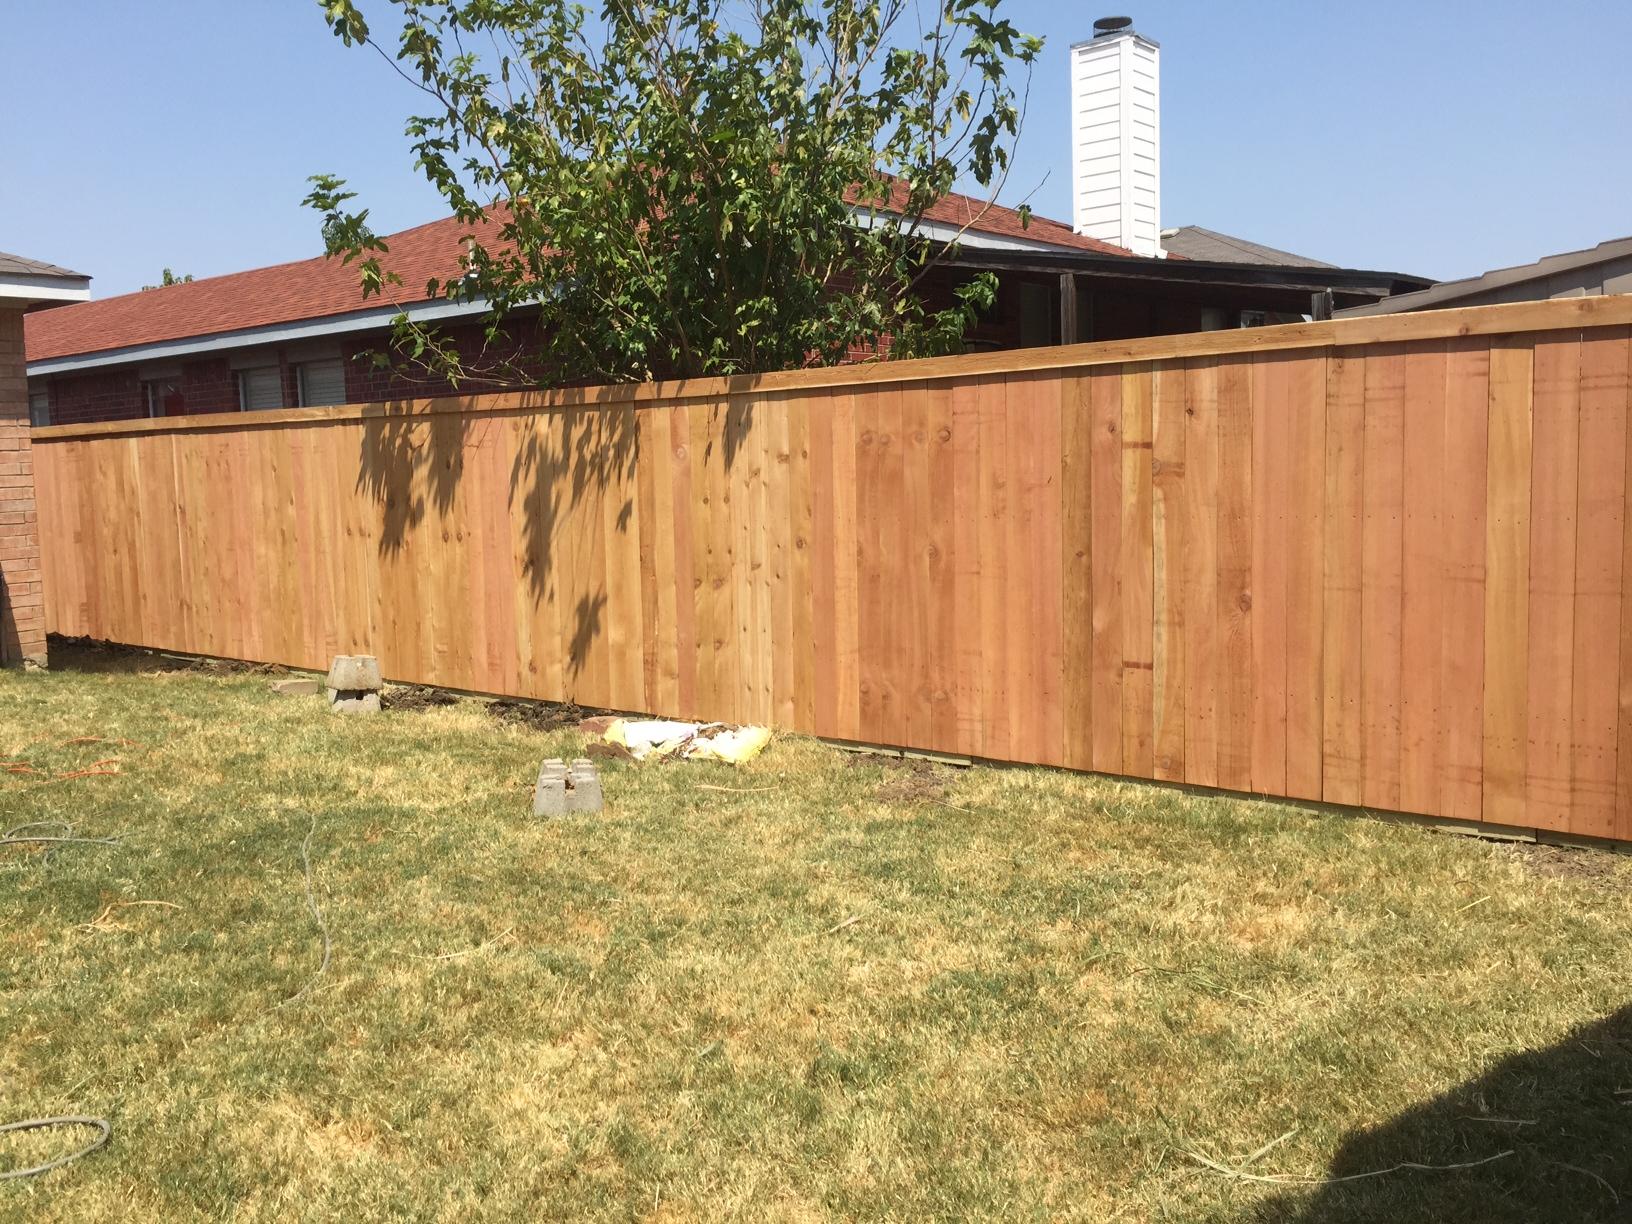 New Cedar Side By Side Fence In Little Elm Frisco Fence Llc